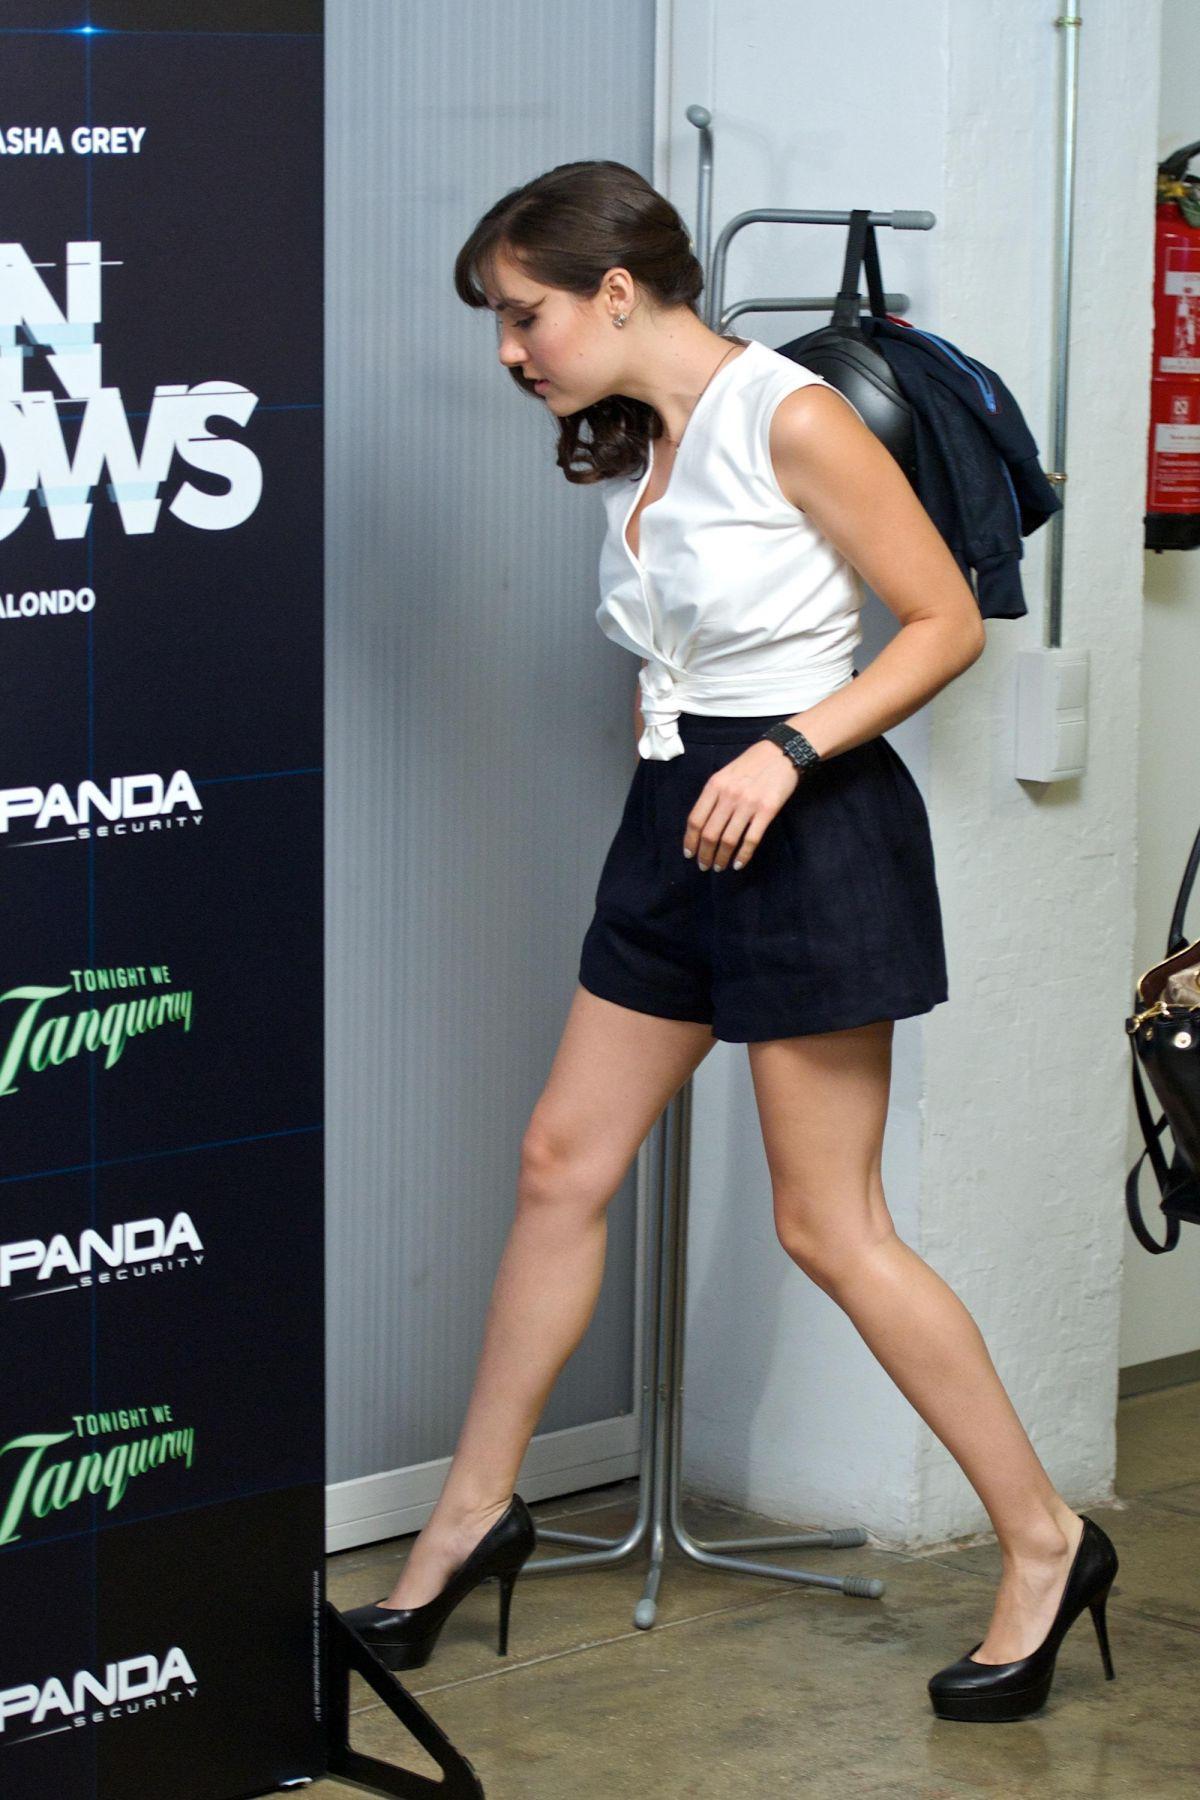 high heels grey Sasha